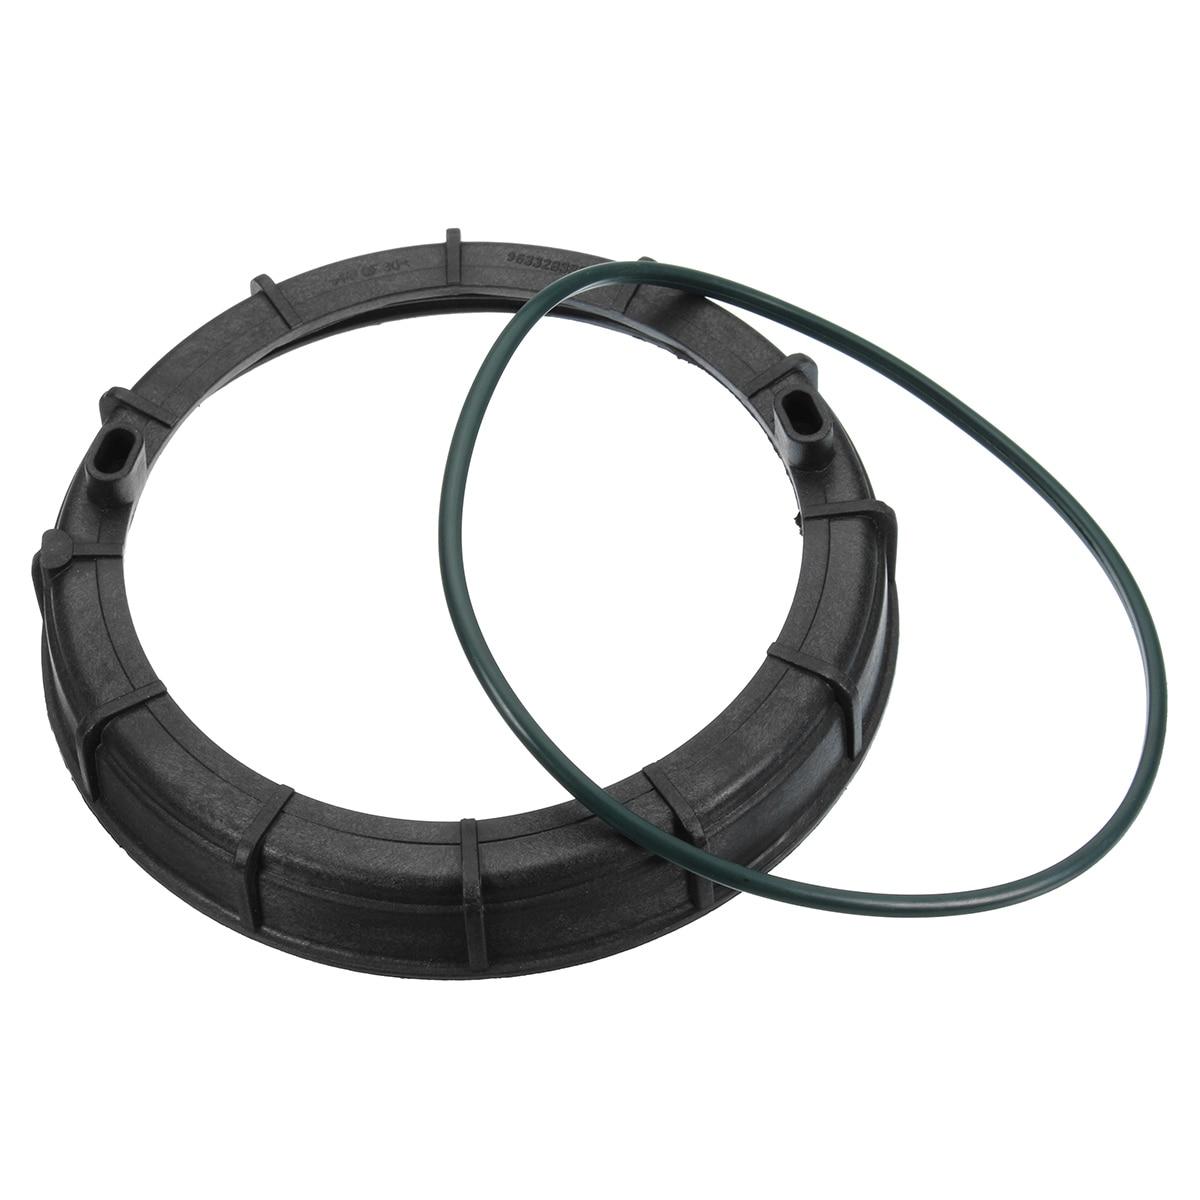 Slim 9633283880 Elektrische Brandstofpomp Vergrendeling Seal & Cover O Ring Voor Peugeot 307 206 207/sega Voor Citroen Triomf